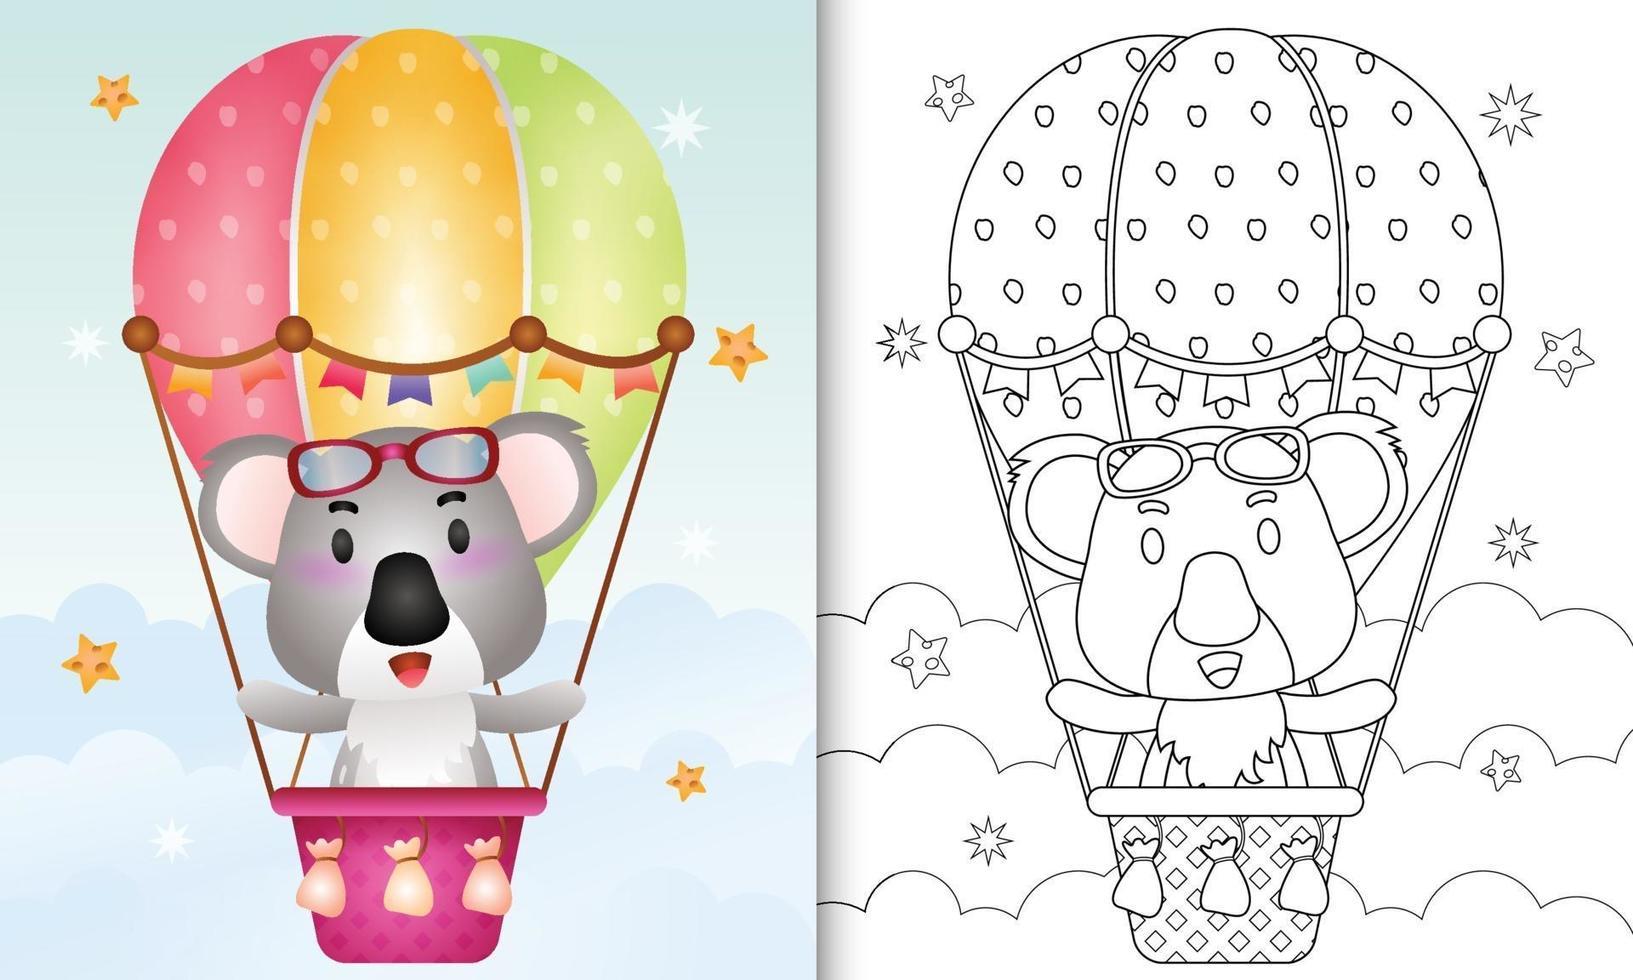 kleurboek voor kinderen met een schattige koala op heteluchtballon vector